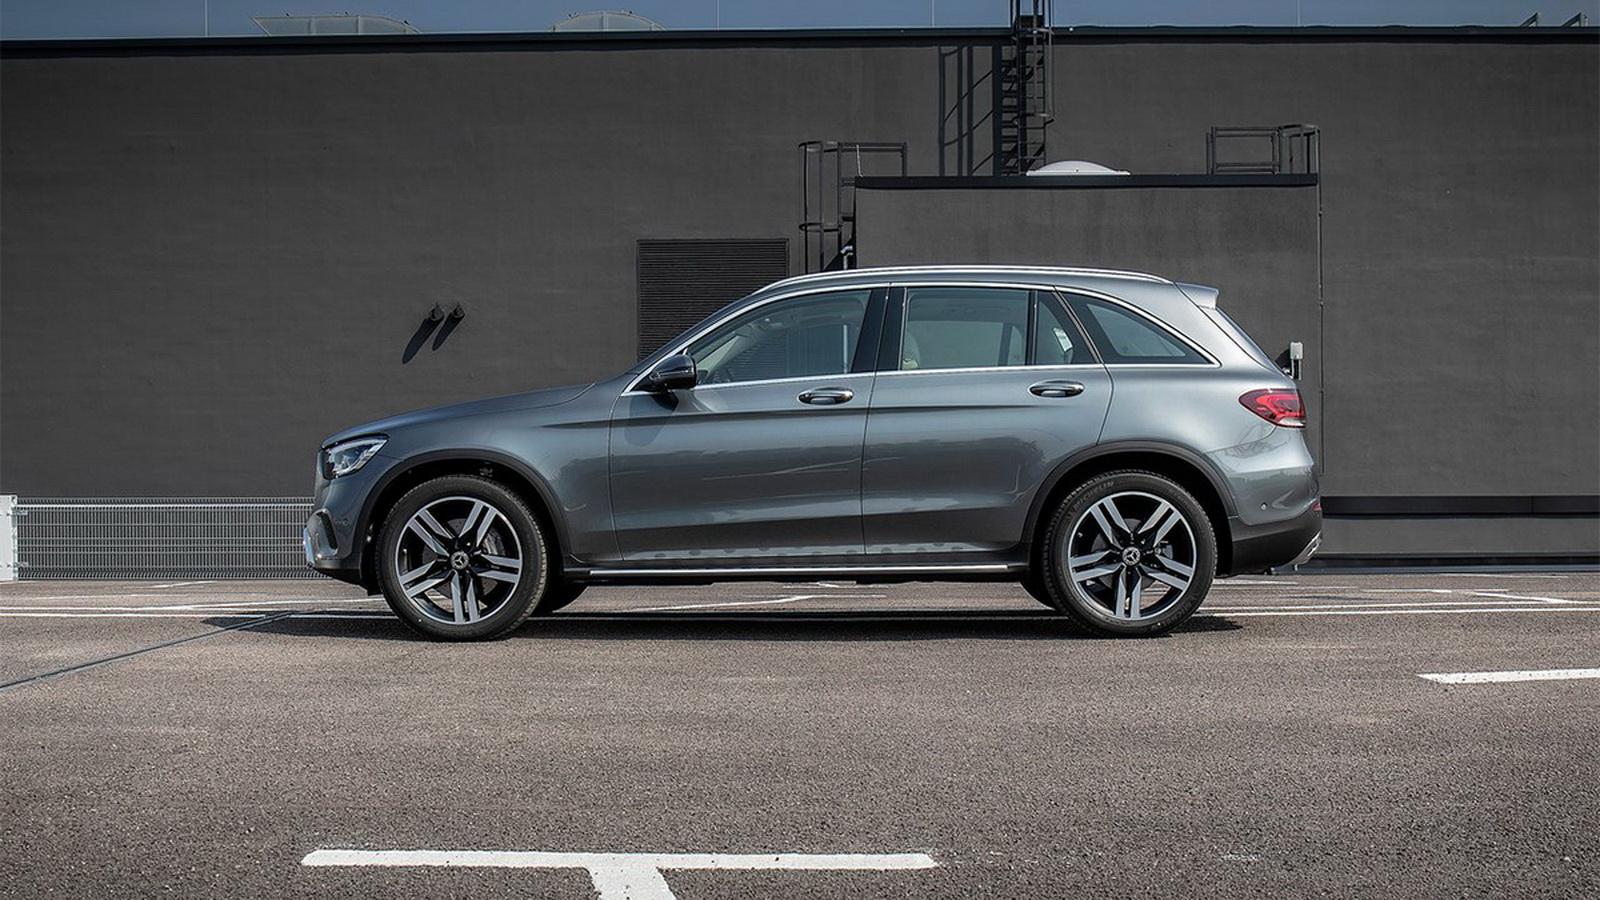 圖/2020 M-Benz GLC 200車側肩膀線條相當厚實,加上採用全新夜色的尾燈設計,也是新世代Mercedes-Benz運動休旅家族最佳識別。